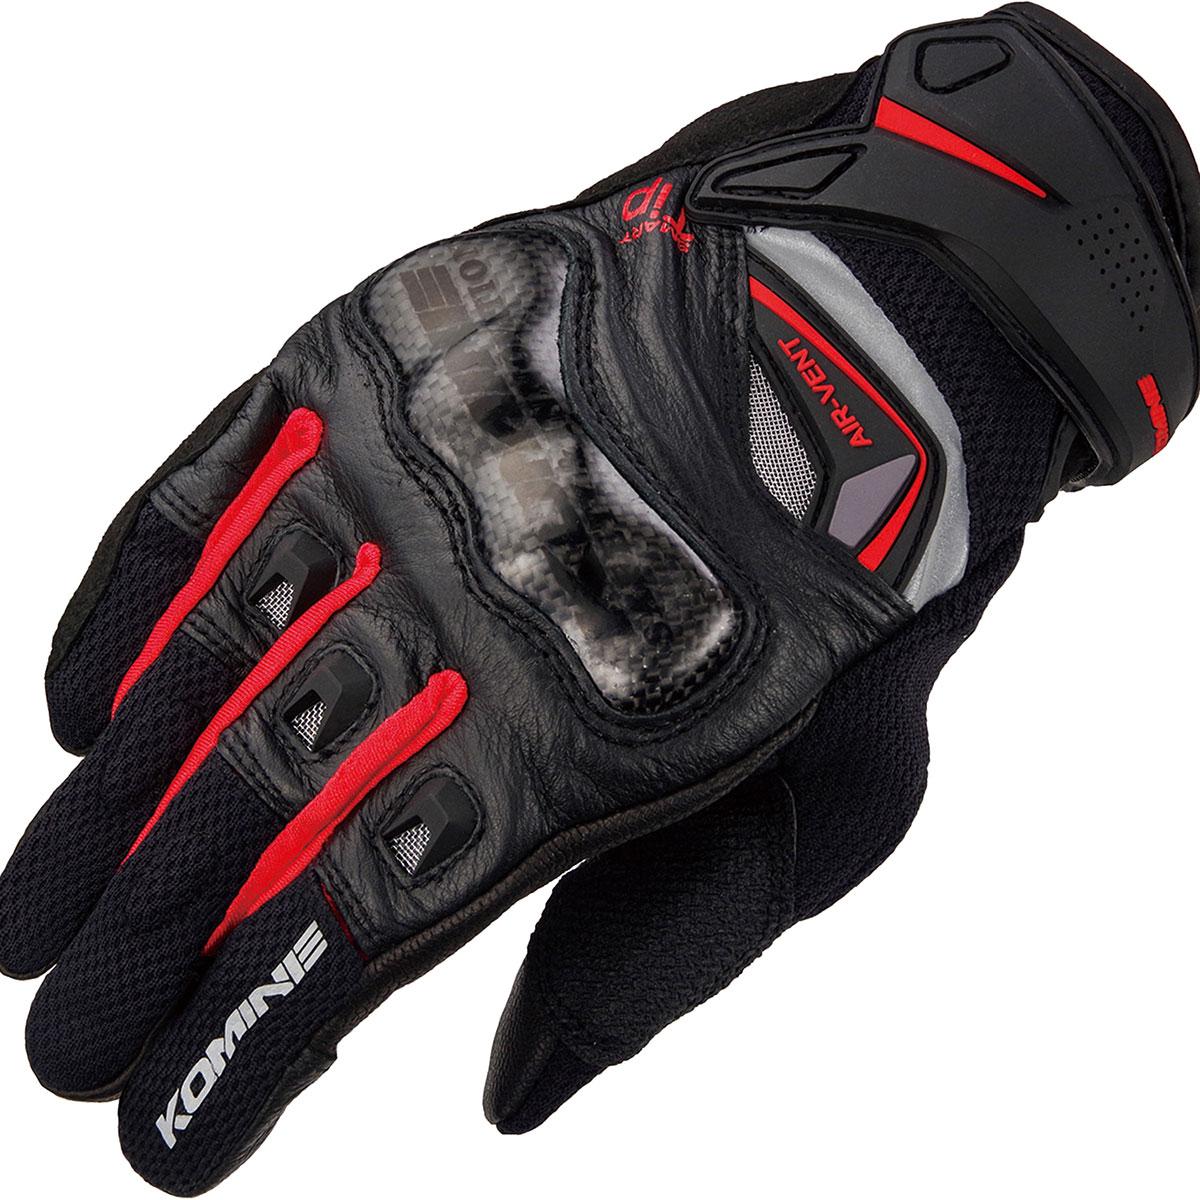 コミネ (Komine) バイク用 グローブ Gloves GK-224 カーボンプロテクトレザーメッシュグローブ ブラック レッド 黒 赤 Mサイズ 06-224/BK/RD/M